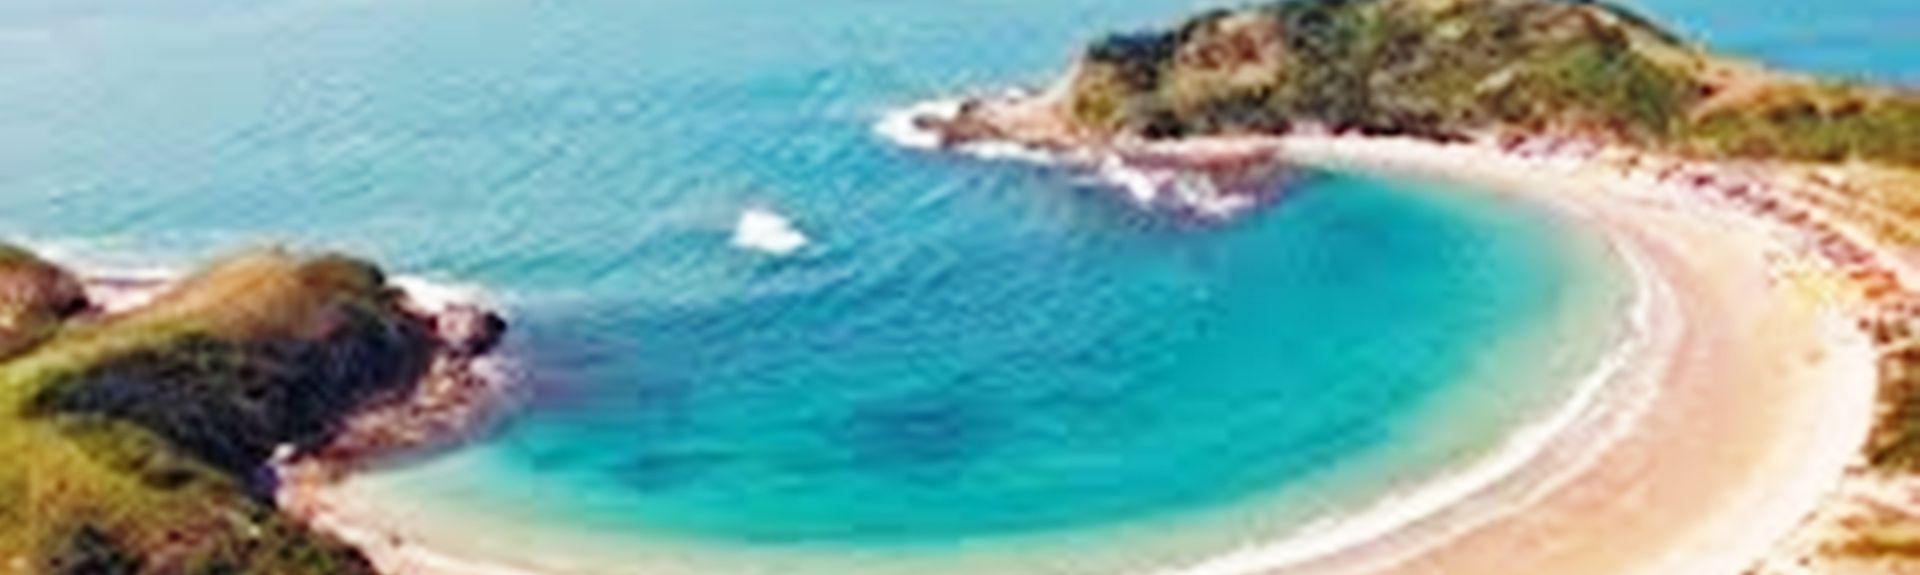 Plaża Tartaruga, Búzios, Region Południowo-wschodni, Brazylia